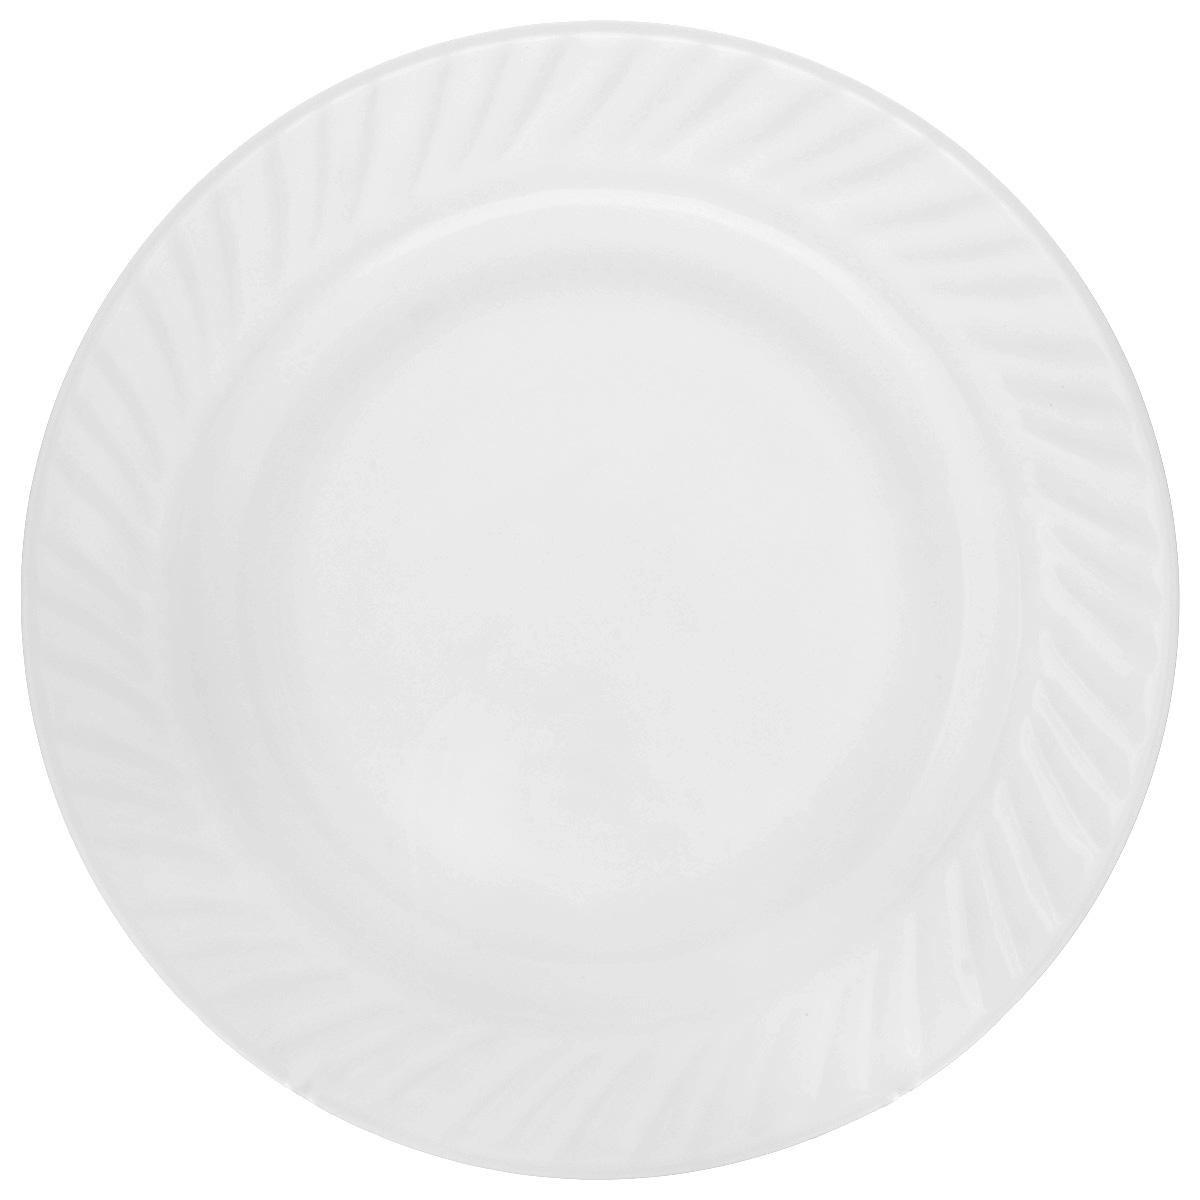 Блюдо House & Holder, цвет: белый, диаметр 25 смHP-100Блюдо House & Holder, изготовленное из керамики, отлично подойдет для красивой сервировки различных блюд. Такое блюдо придется по вкусу и ценителям классики, и тем, кто предпочитает утонченность и изысканность. Диаметр: 25 см. Высота: 2,5 см.